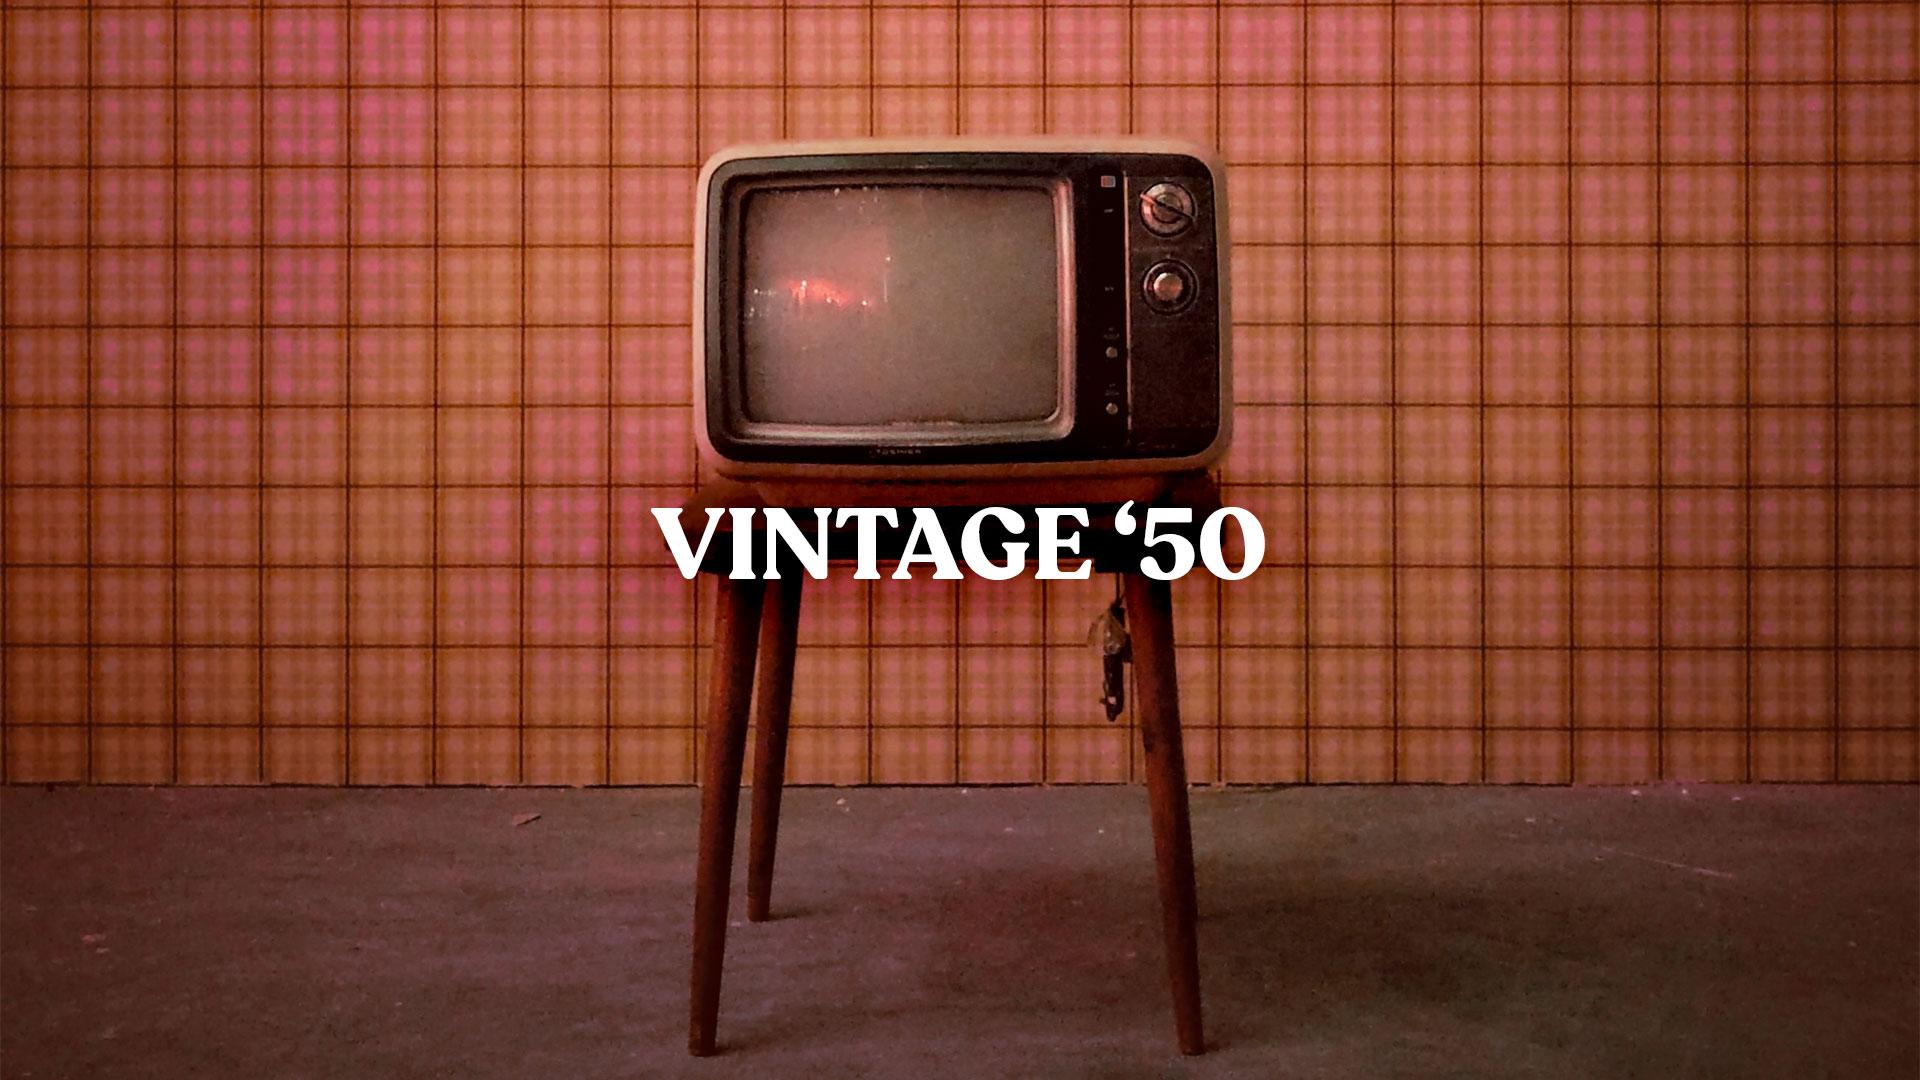 Vintage 1950 LUT presets